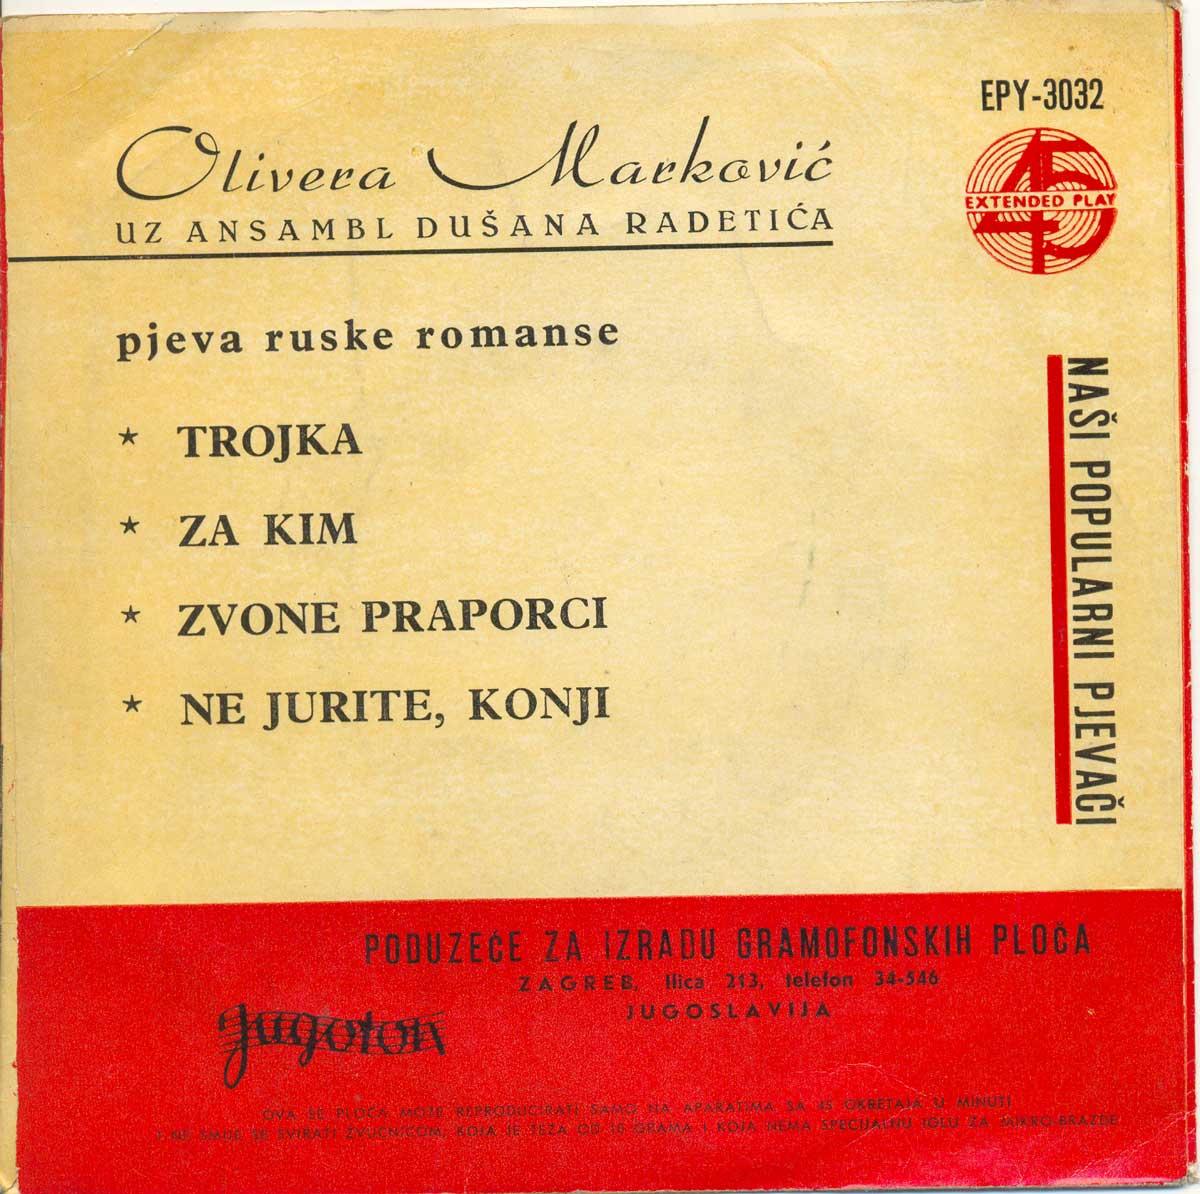 Olivera Marković - Trojka